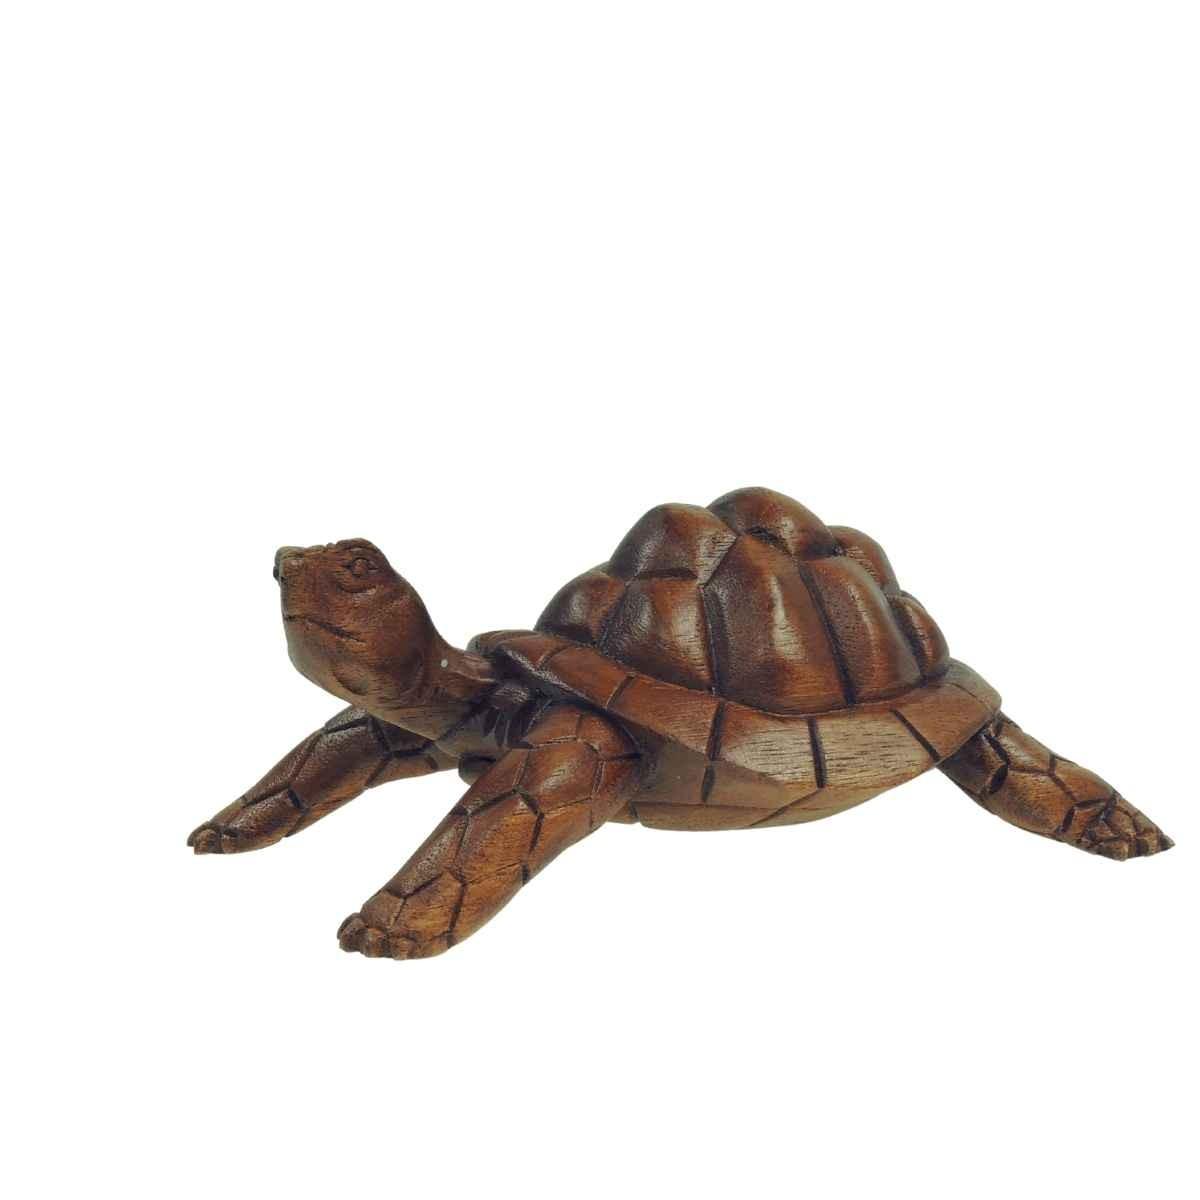 Schildkröte handgeschnitzt Soarholz Länge ca. 20 cm